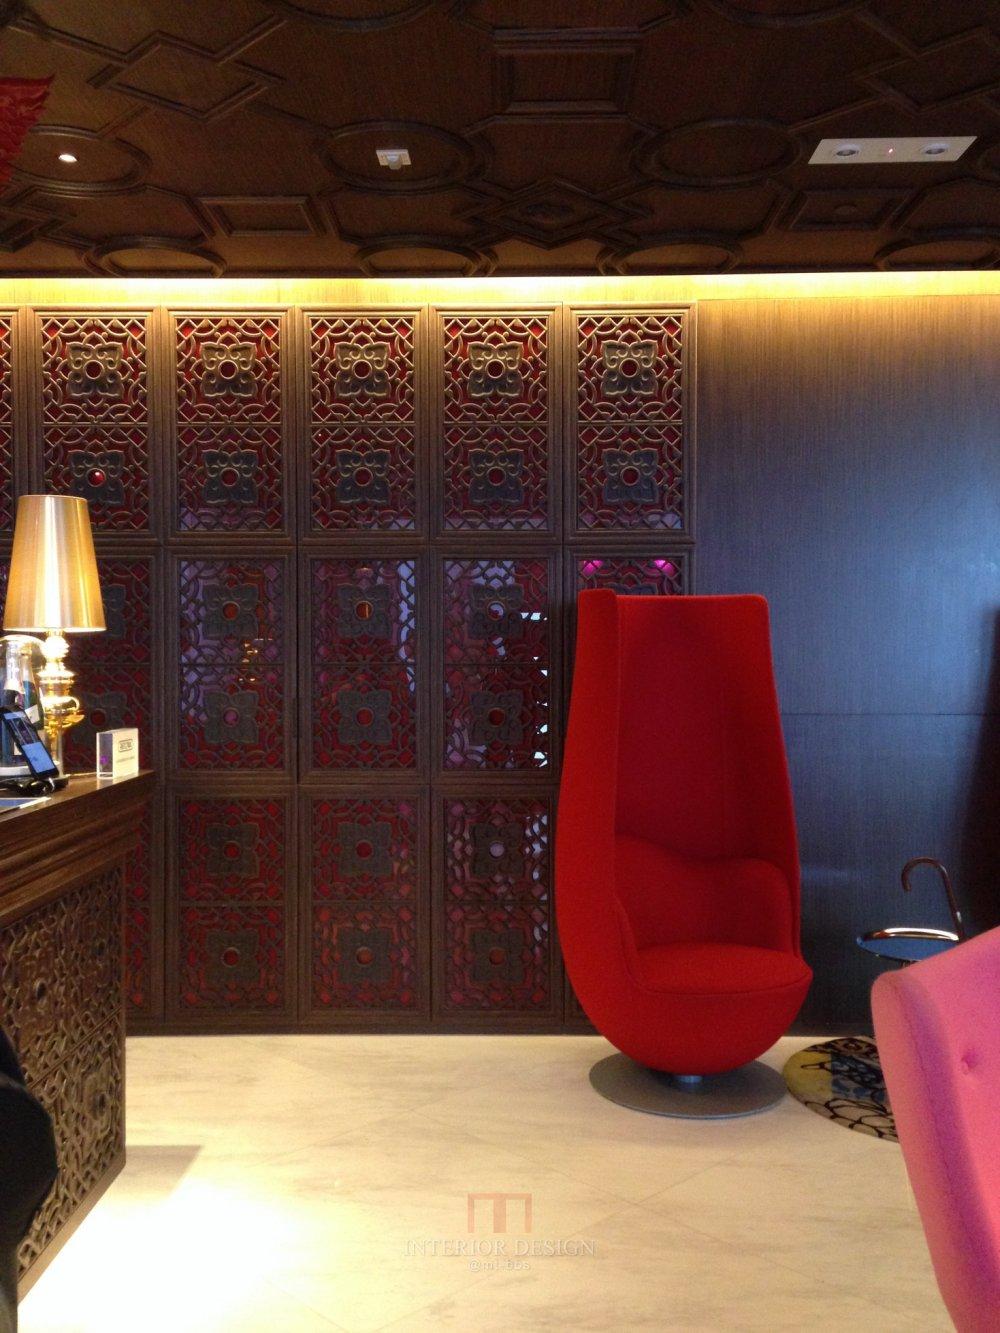 香港湾仔美丽华精品酒店Mira Moon Hotel  自拍分享_IMG_4131.JPG